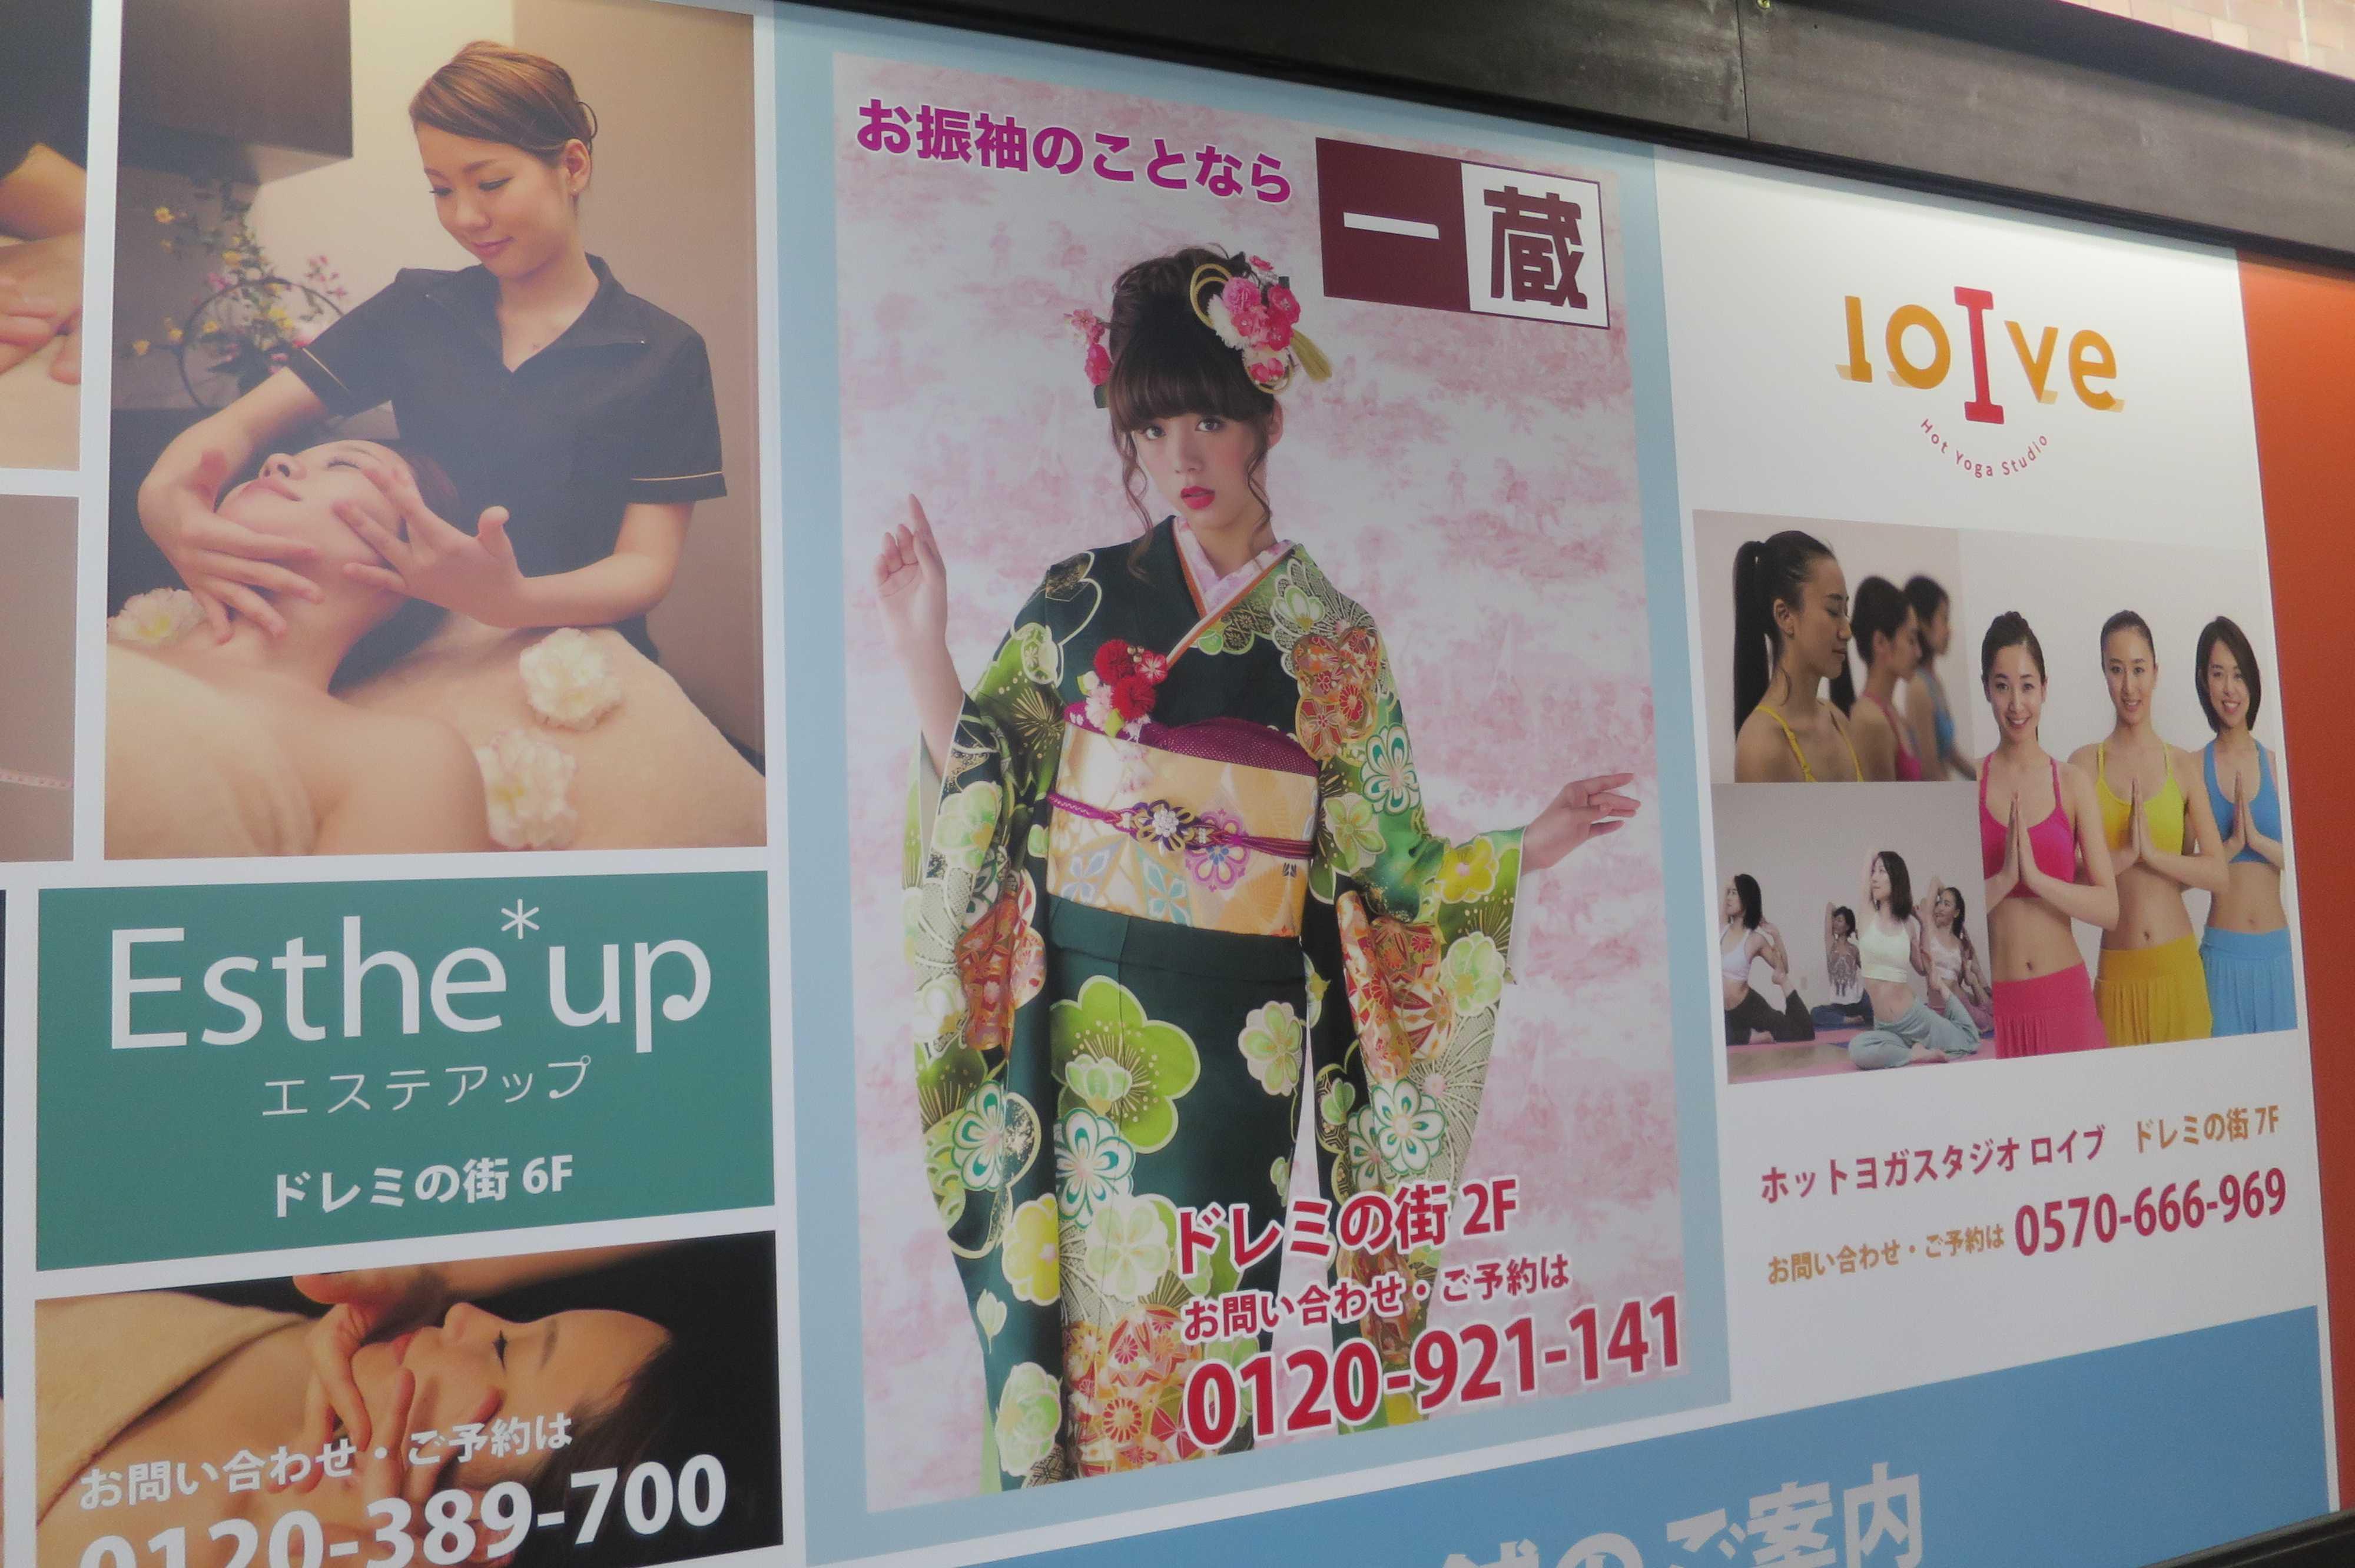 岡山ドレミの街 - 岡山駅前商店街(SKY MALL 21)